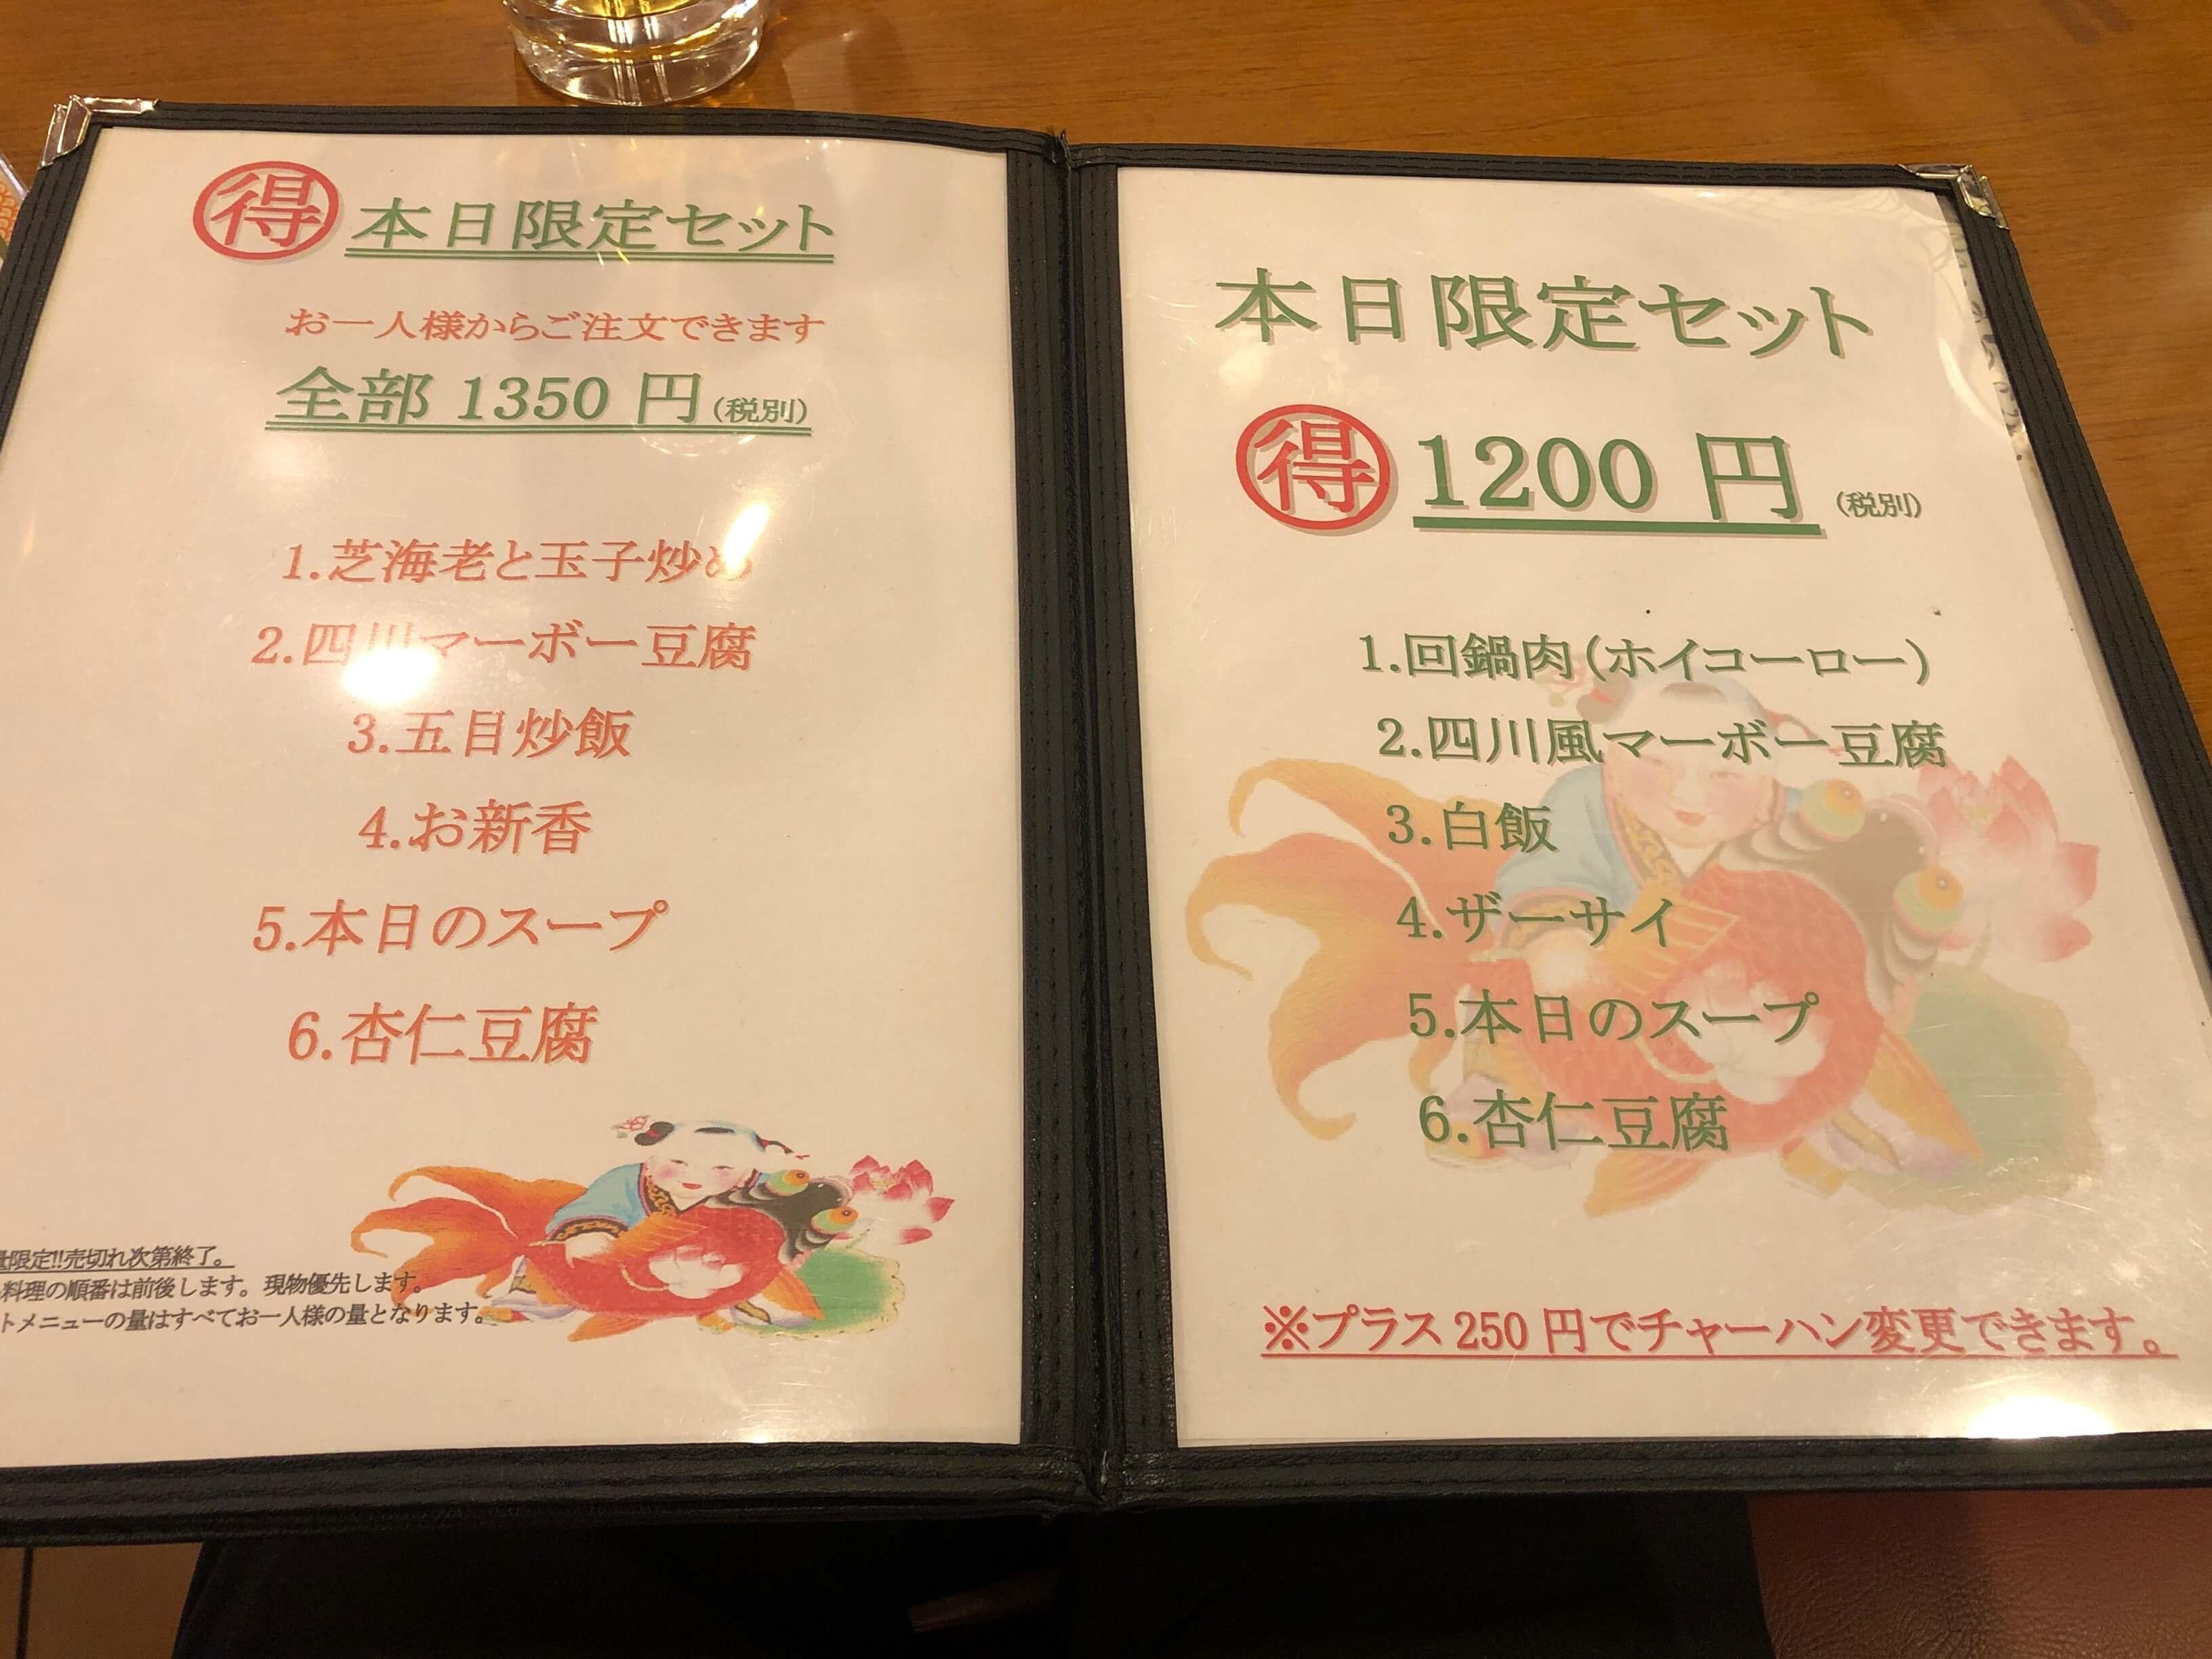 蓮香園 メニュー 2020.06.17